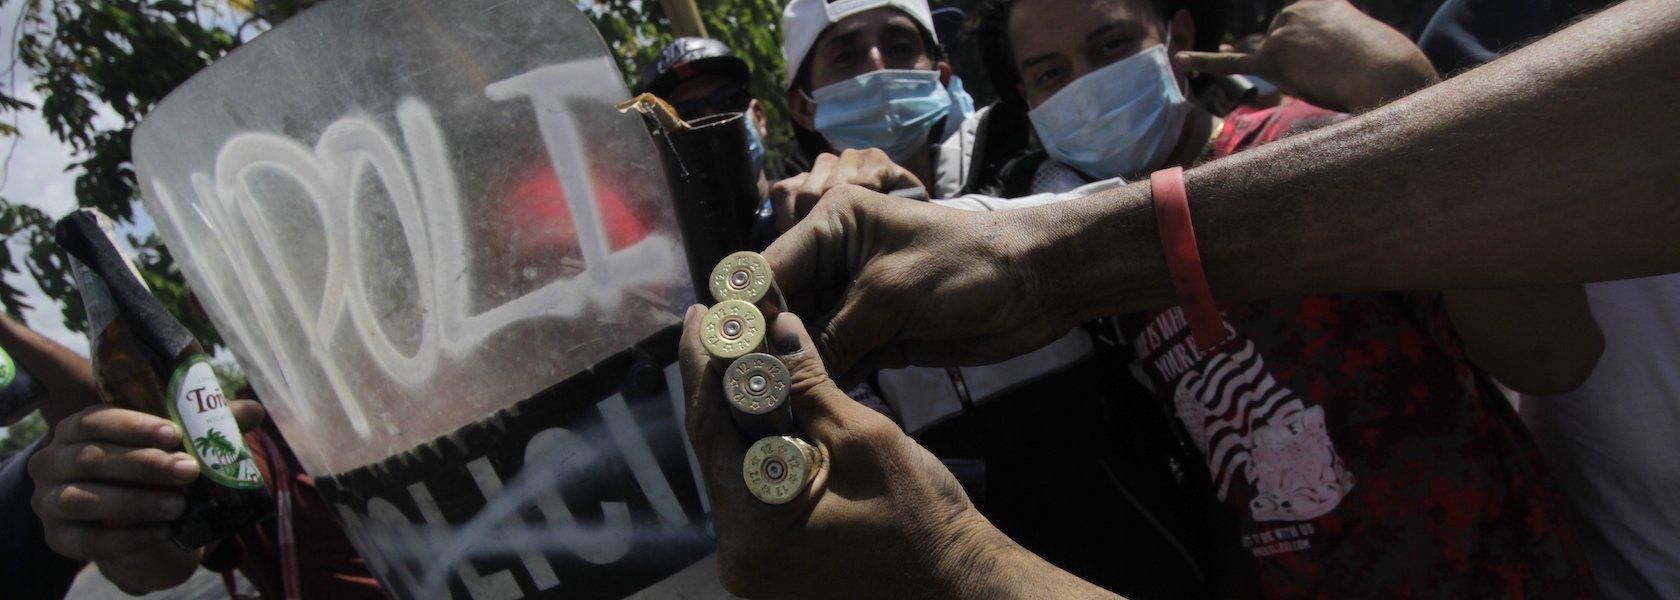 Nicaragua: Organismos internacionales exigen el cese a la represión contra manifestantes